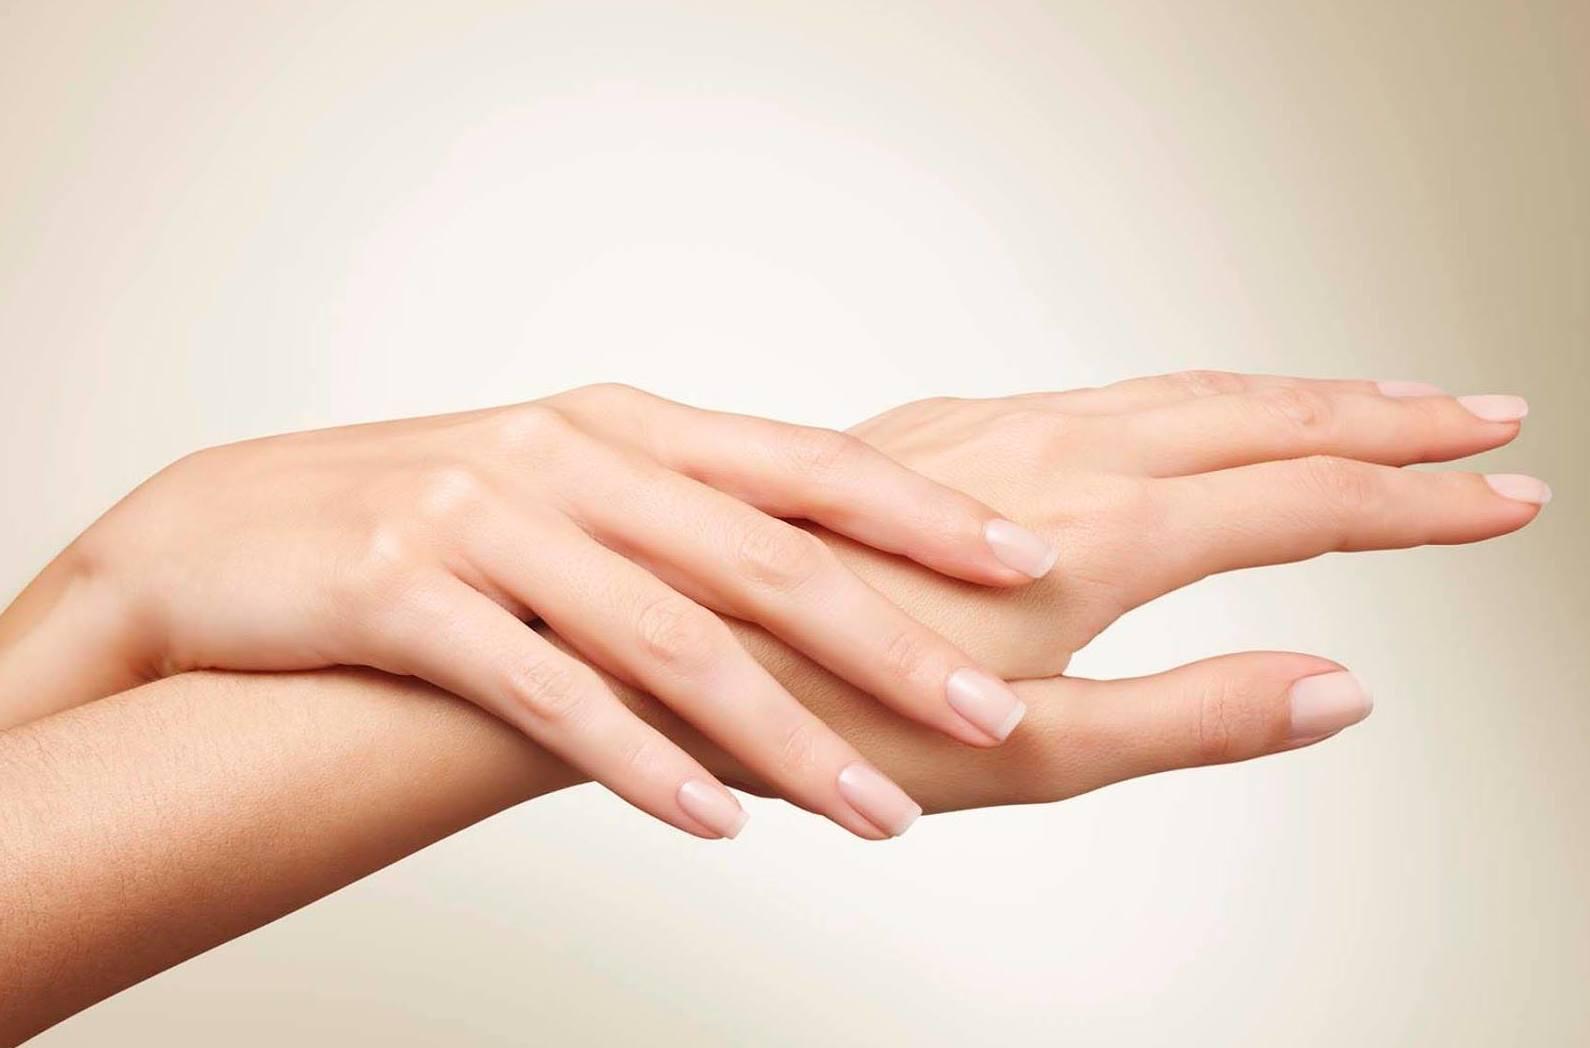 Las manos hablan de nosotros, cuidarlas es muy importante